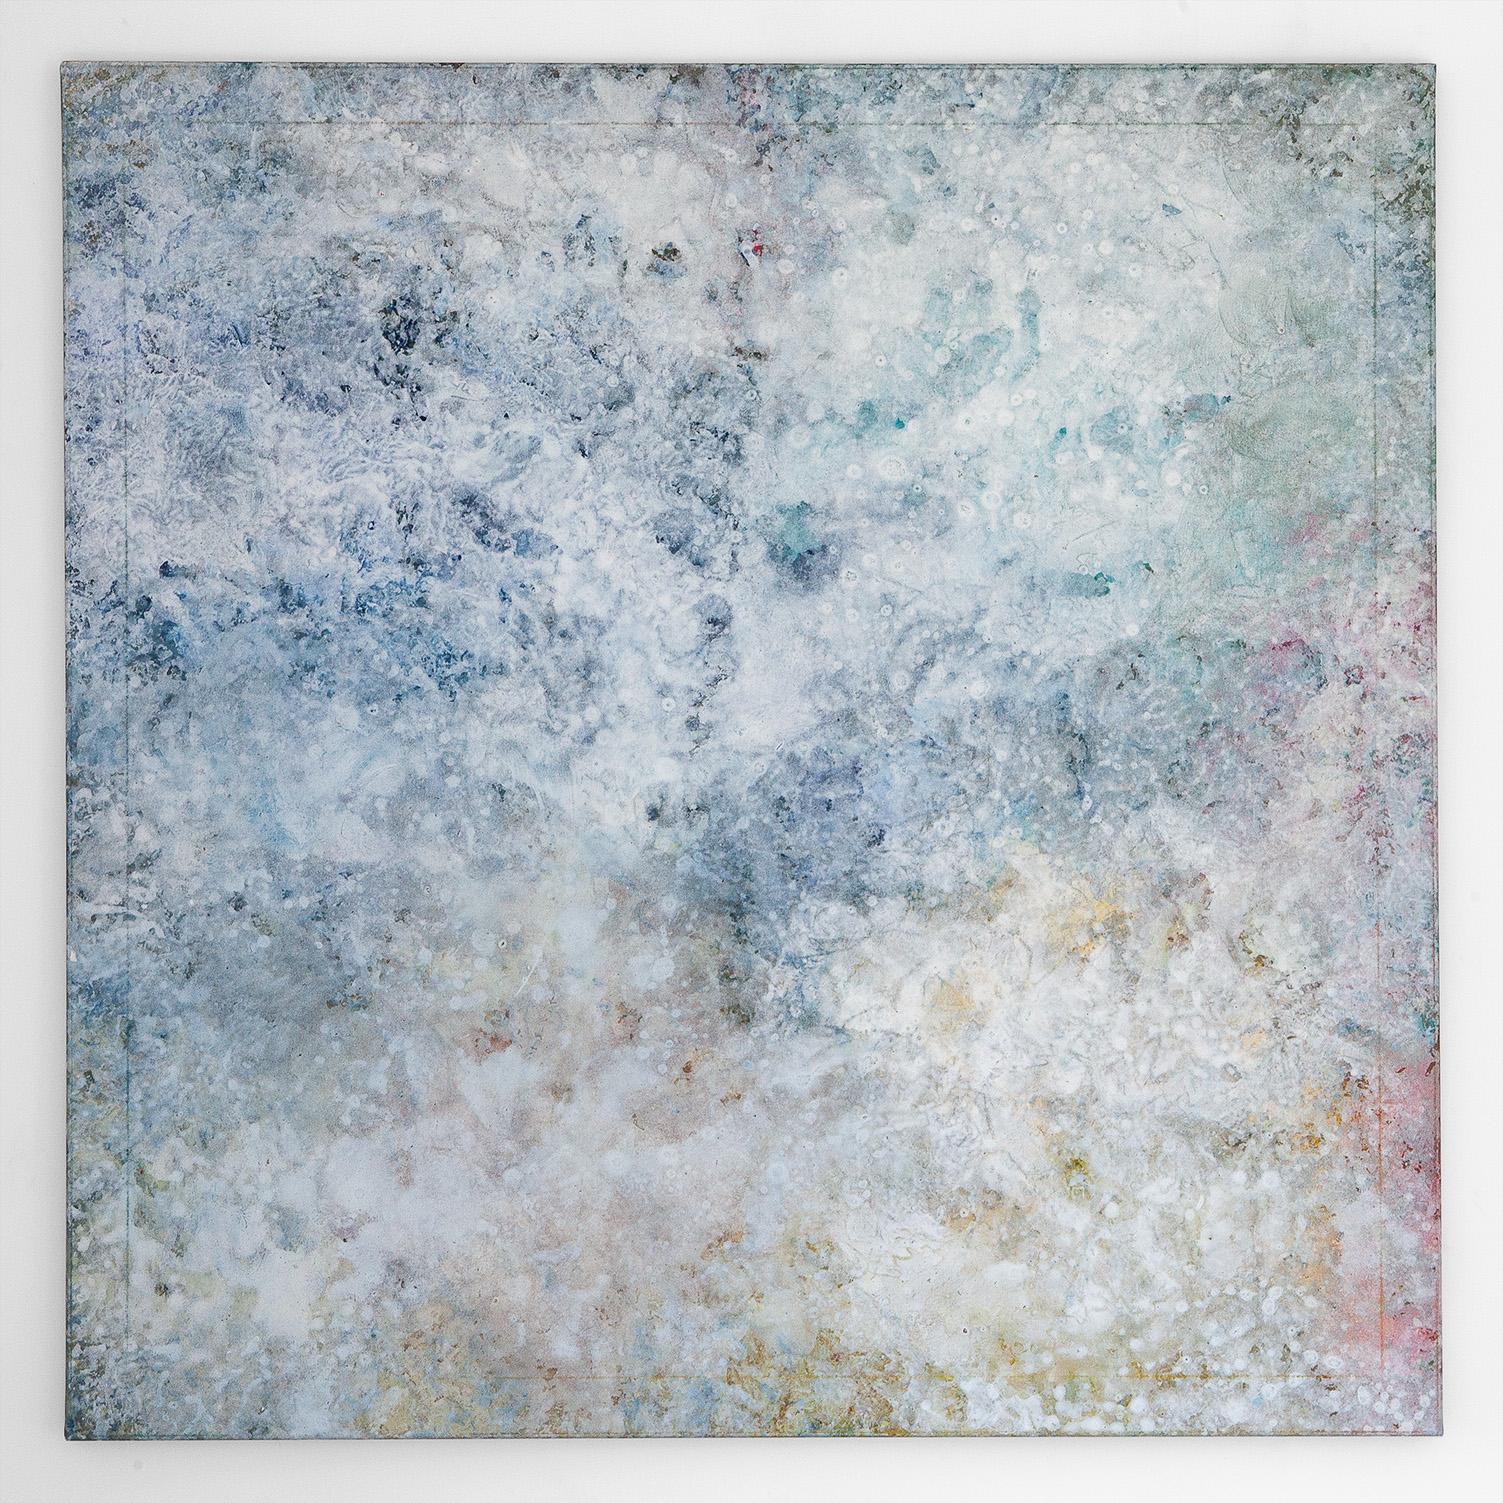 Schilderij Rainbow Borro van Studio Spruyt